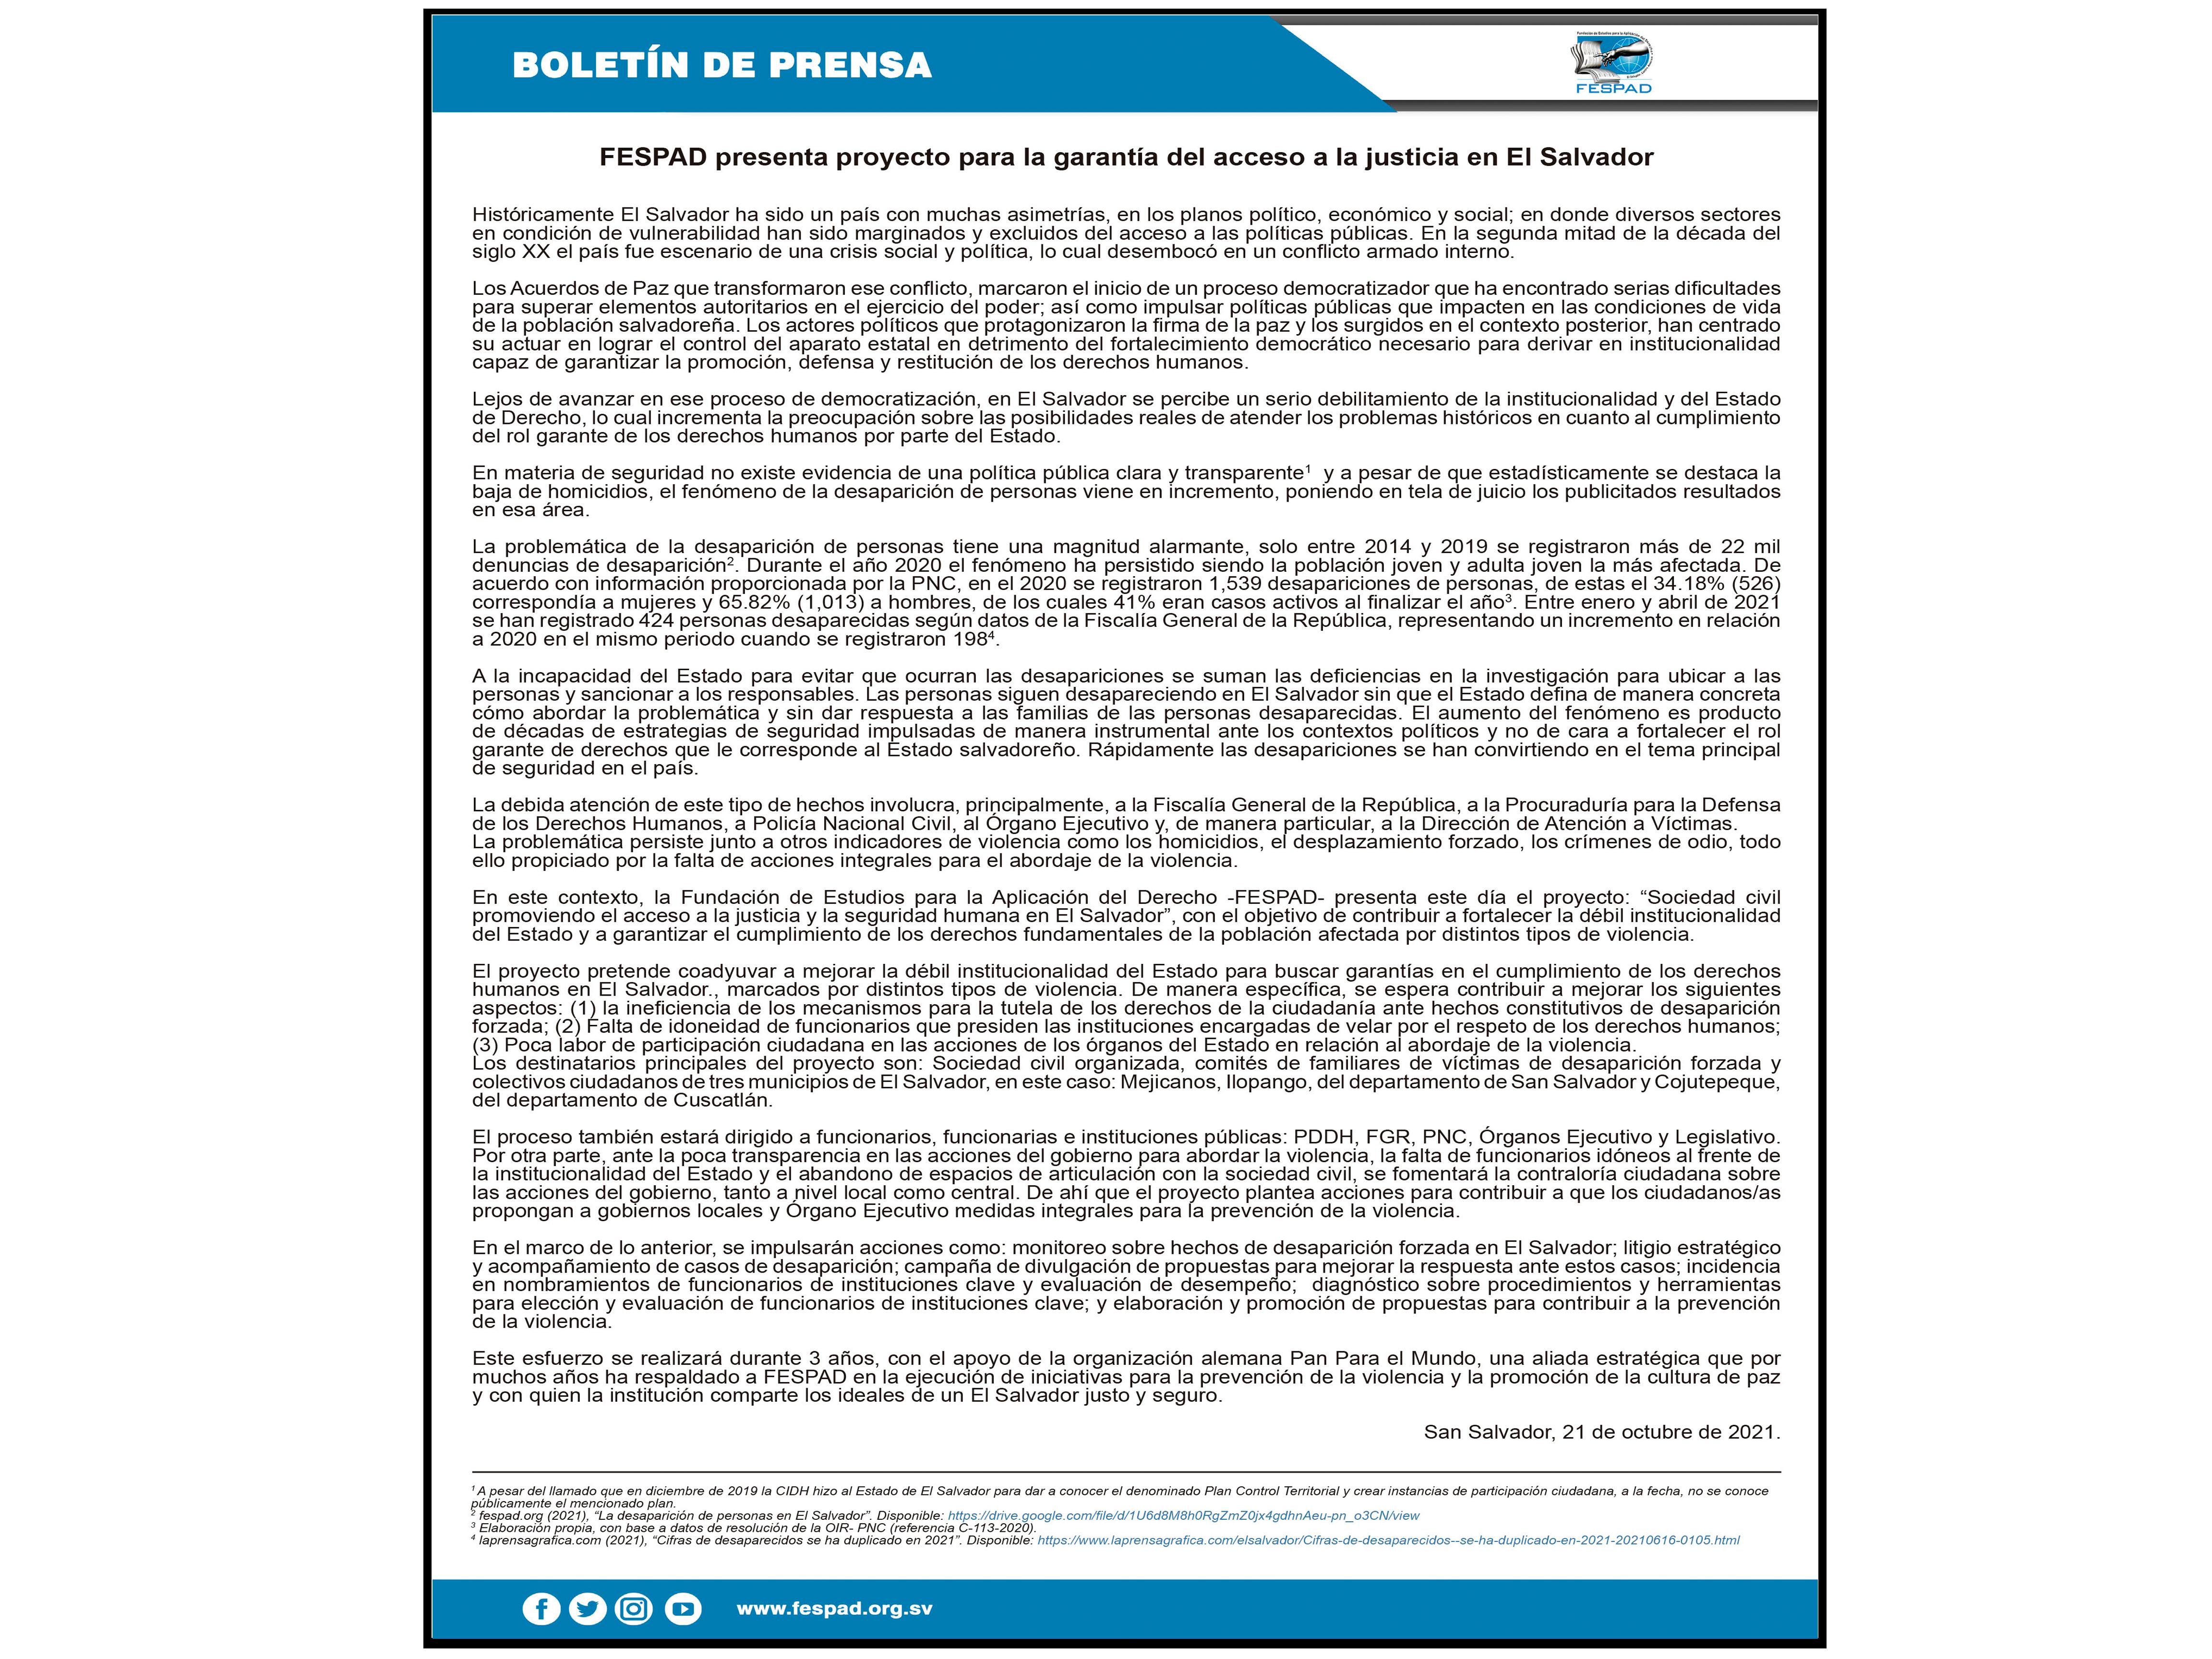 Boletín de prensa: FESPAD presenta proyecto para la garantía del acceso a la justicia